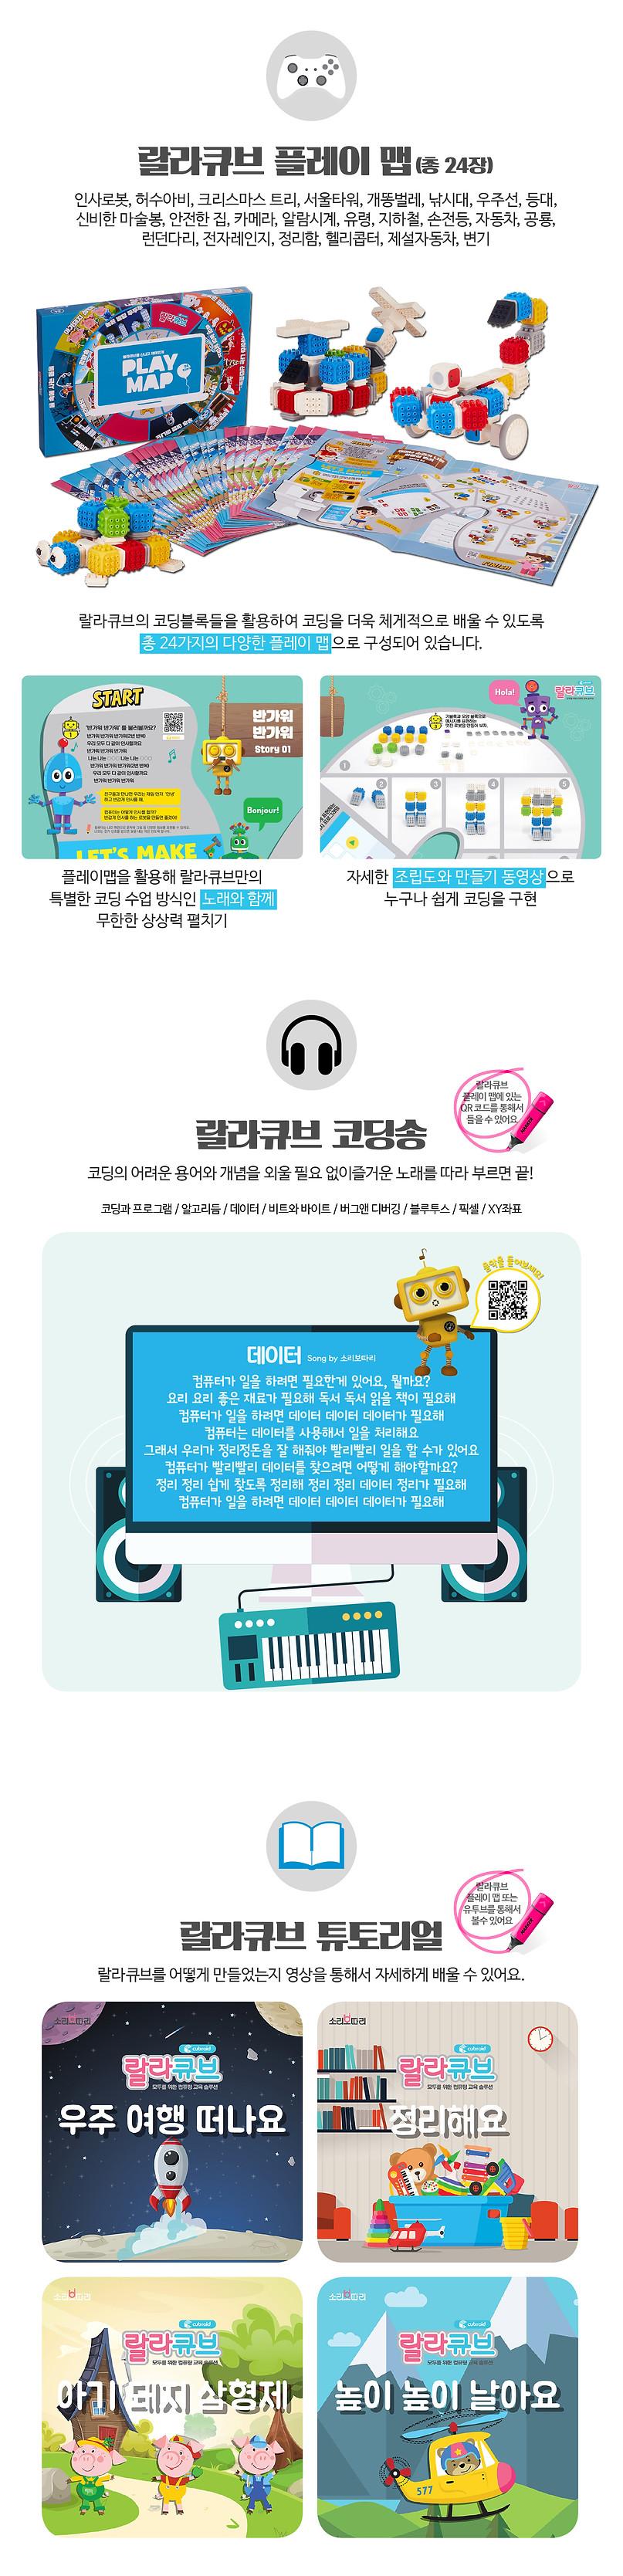 랄라큐브 제품들.jpg